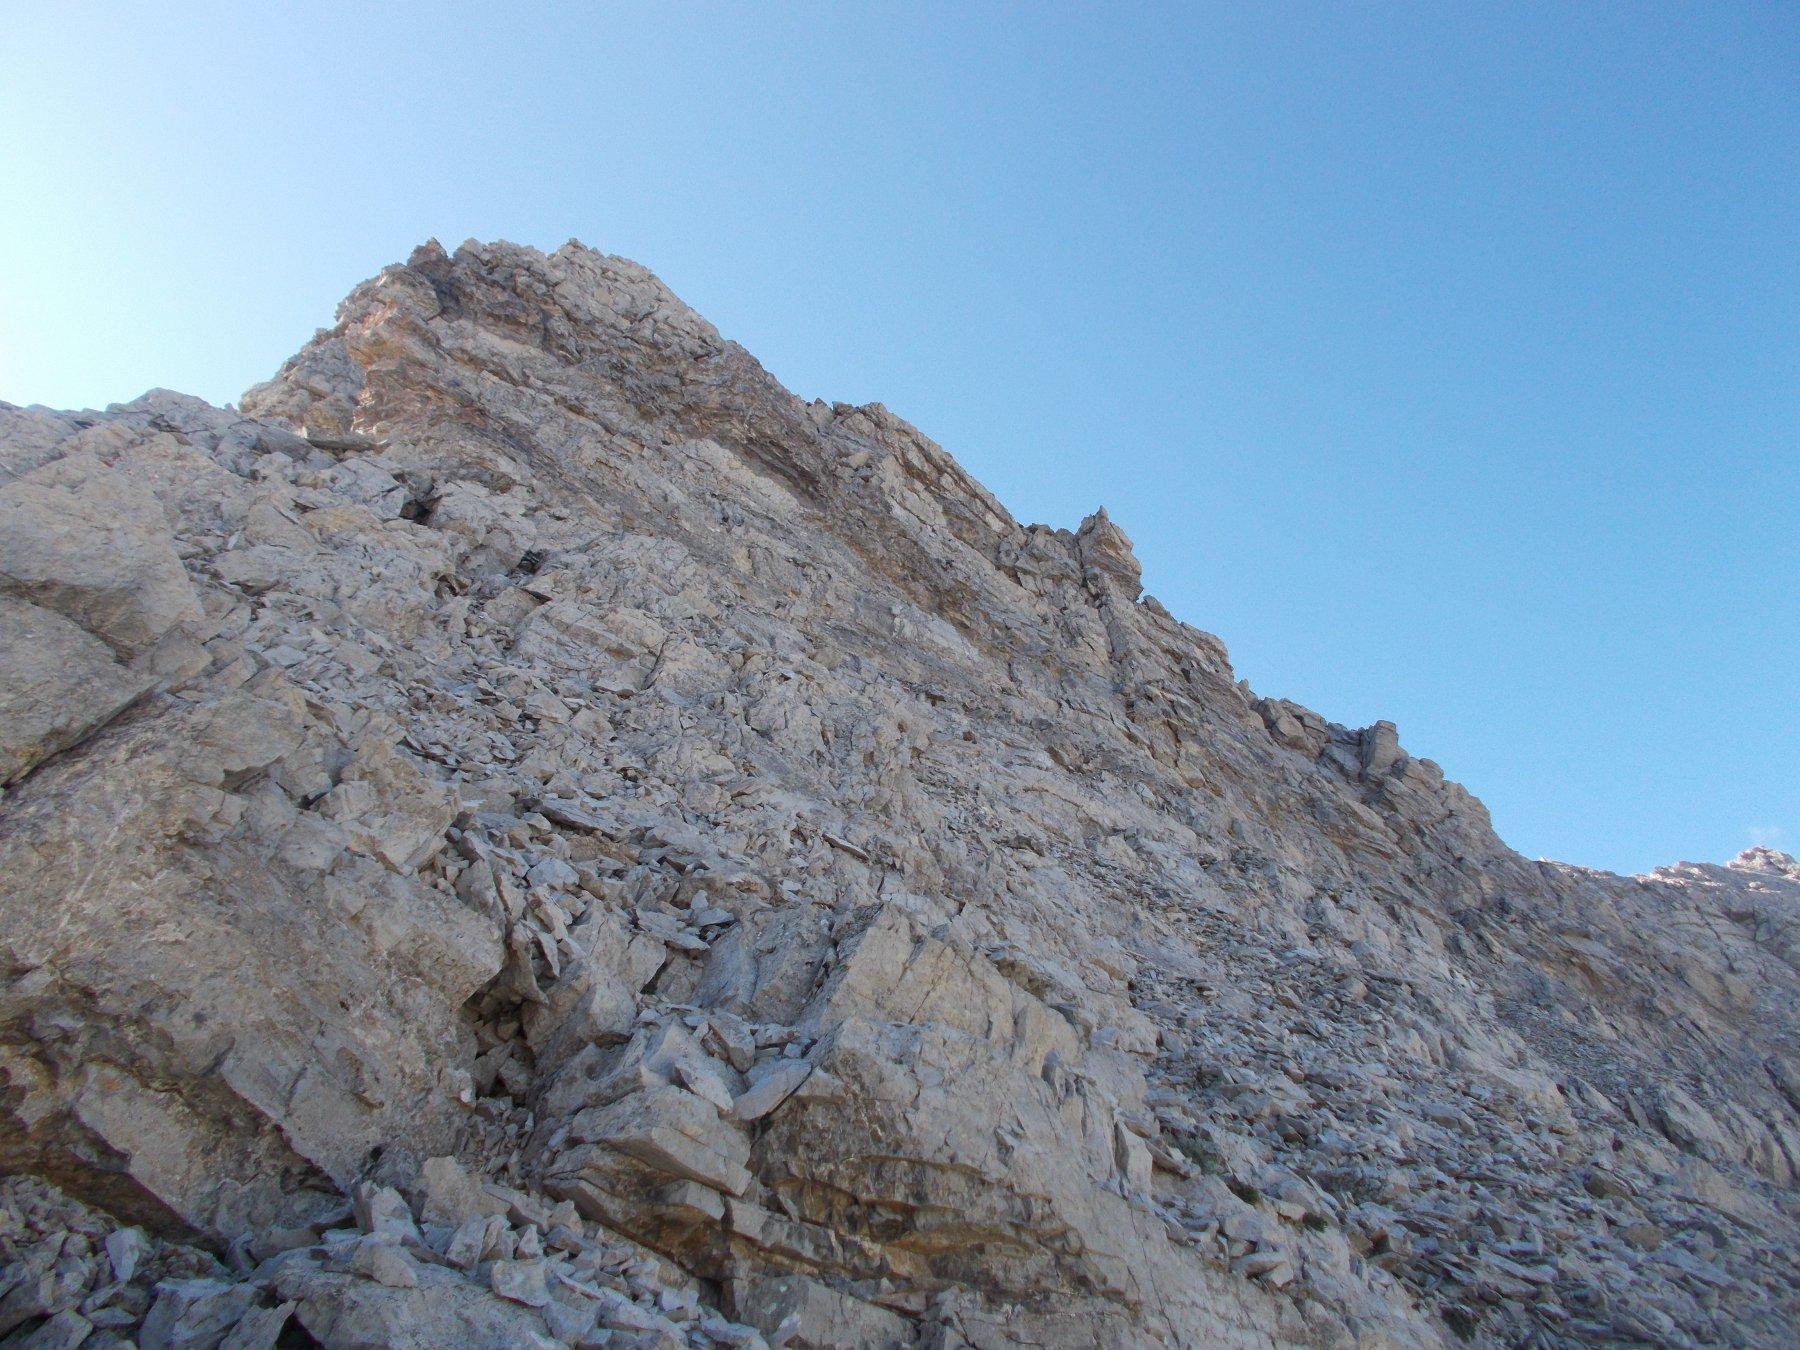 seconda parte della cresta con..